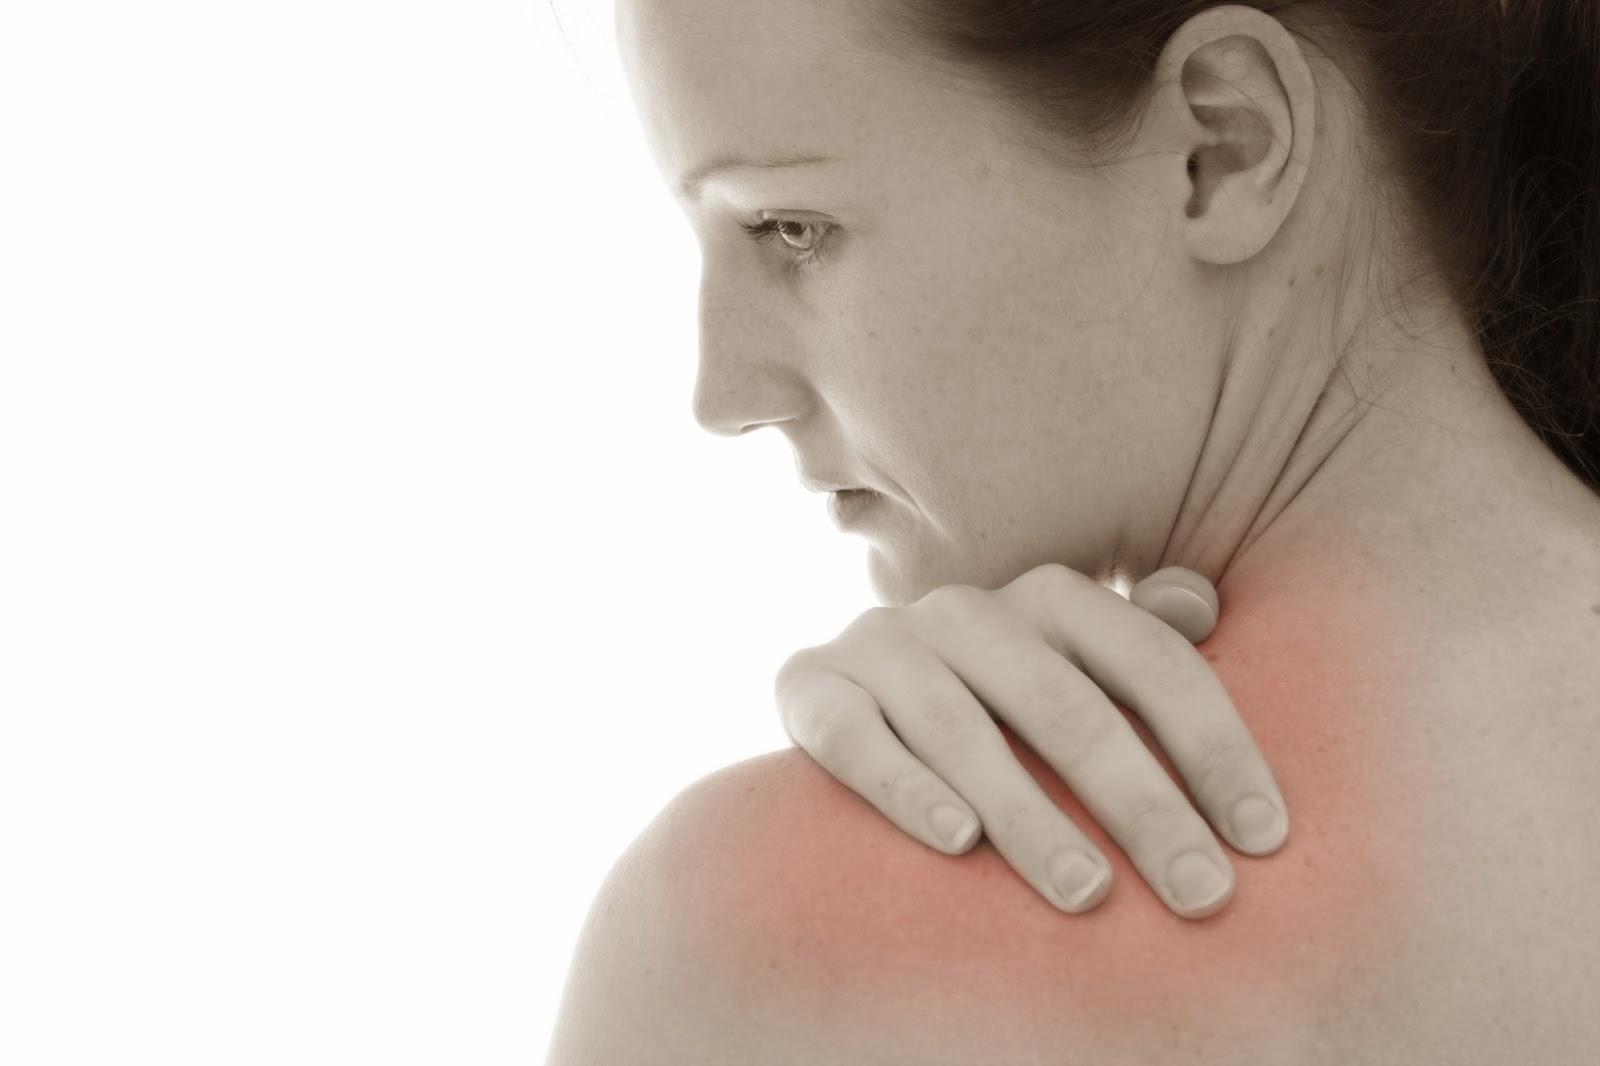 Người trẻ bị đau nhức xương khớp cảnh báo bệnh gì?-1